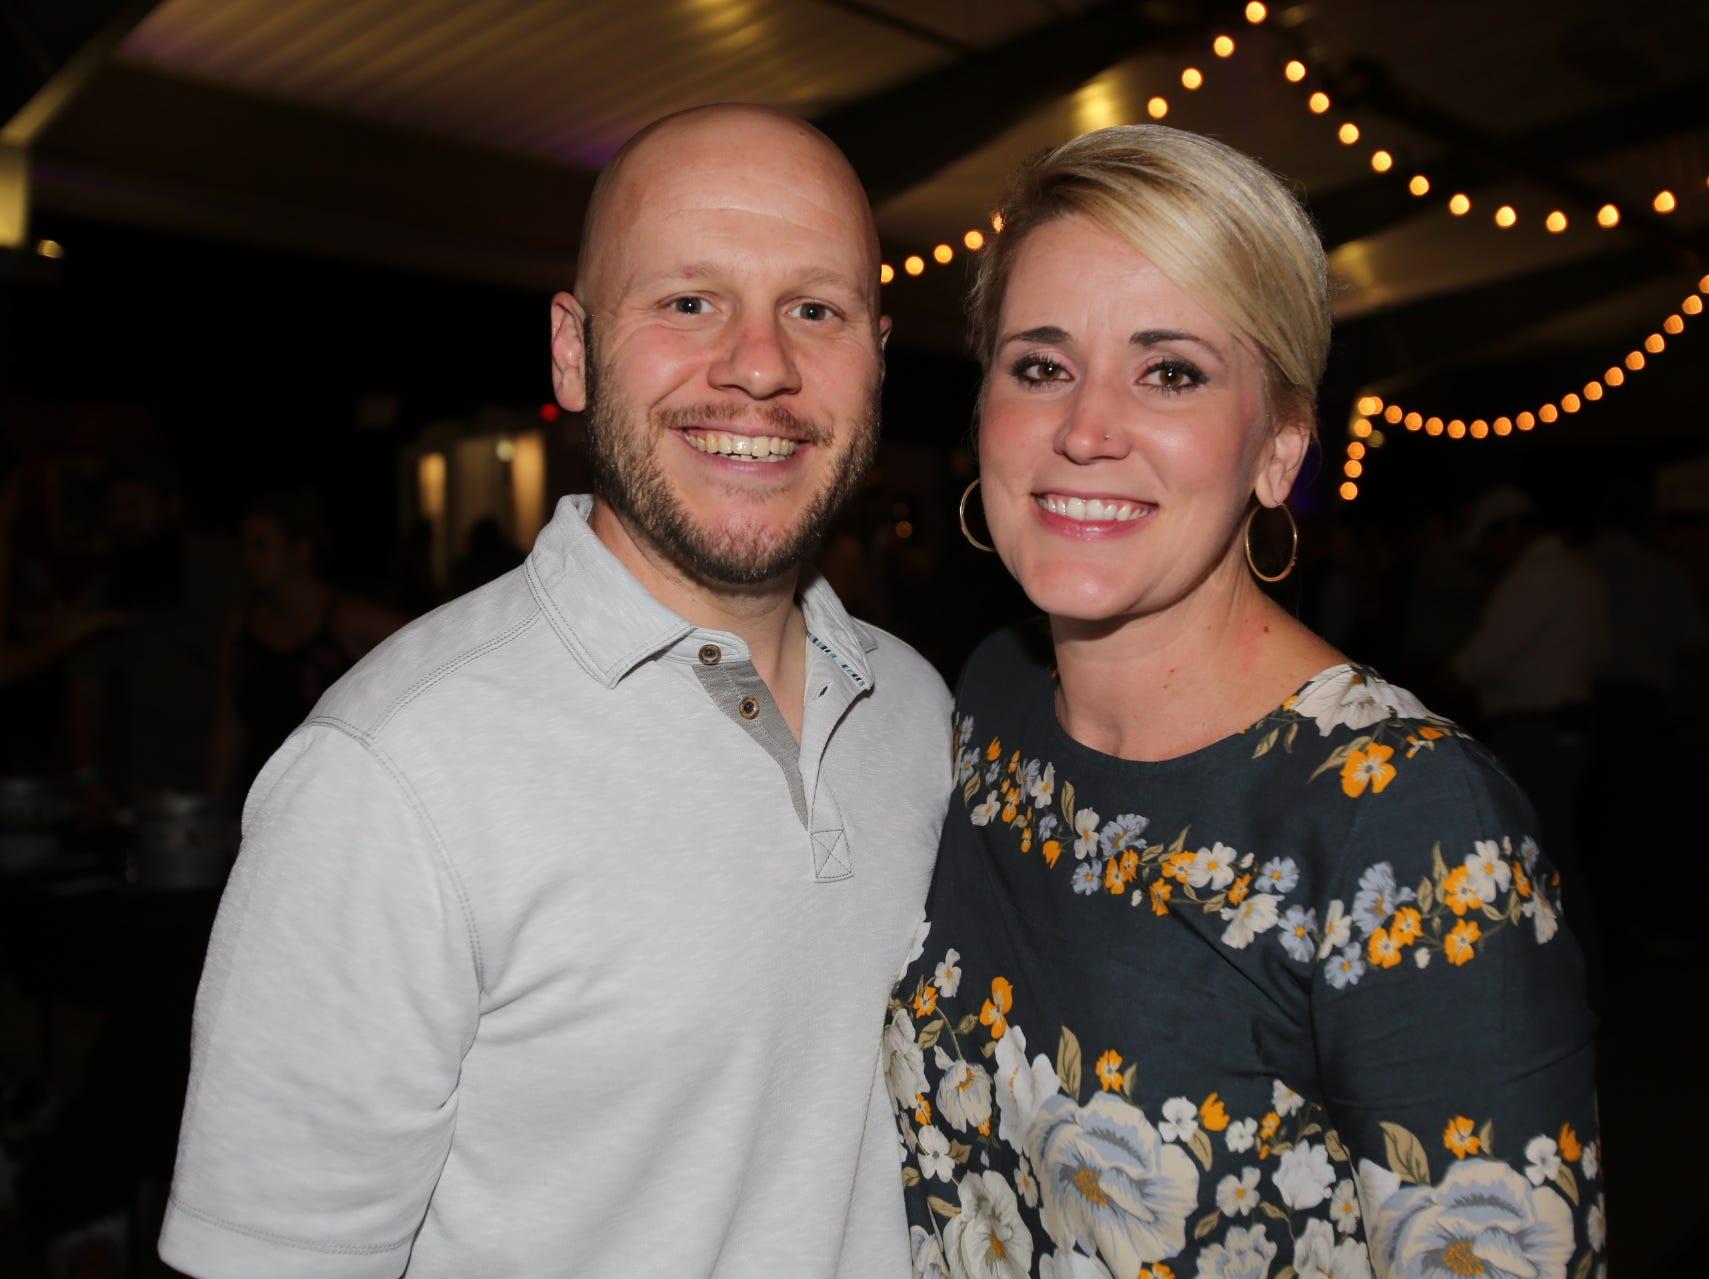 Amanda and Aaron Swanson